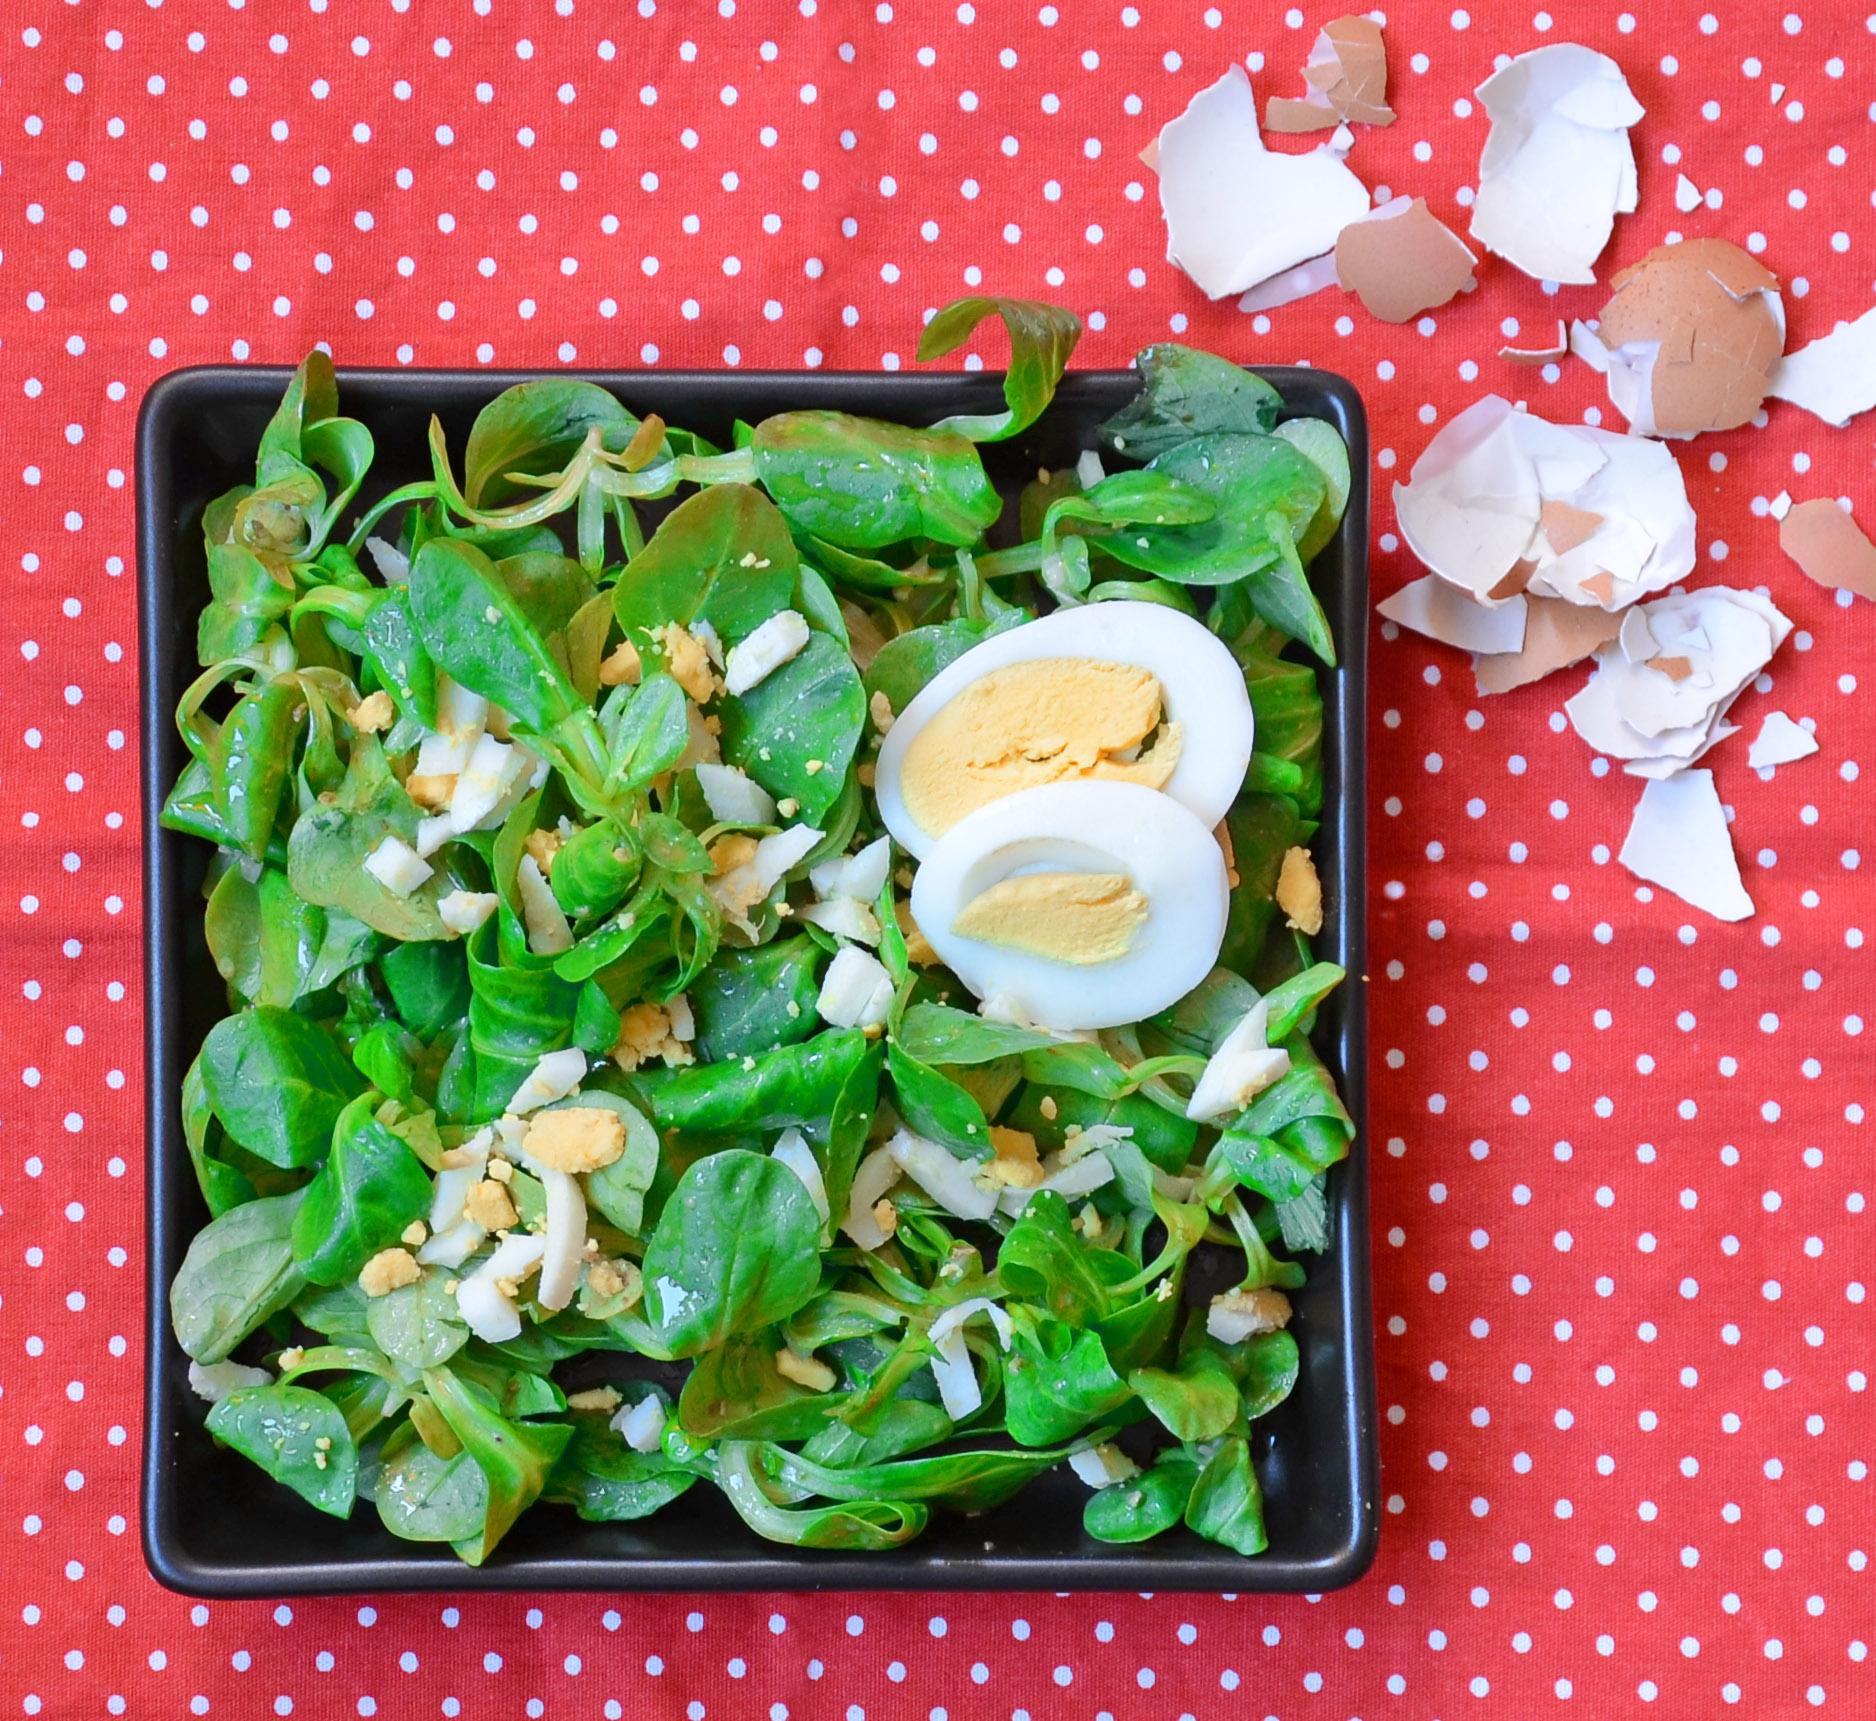 Feldsalat mit Ei